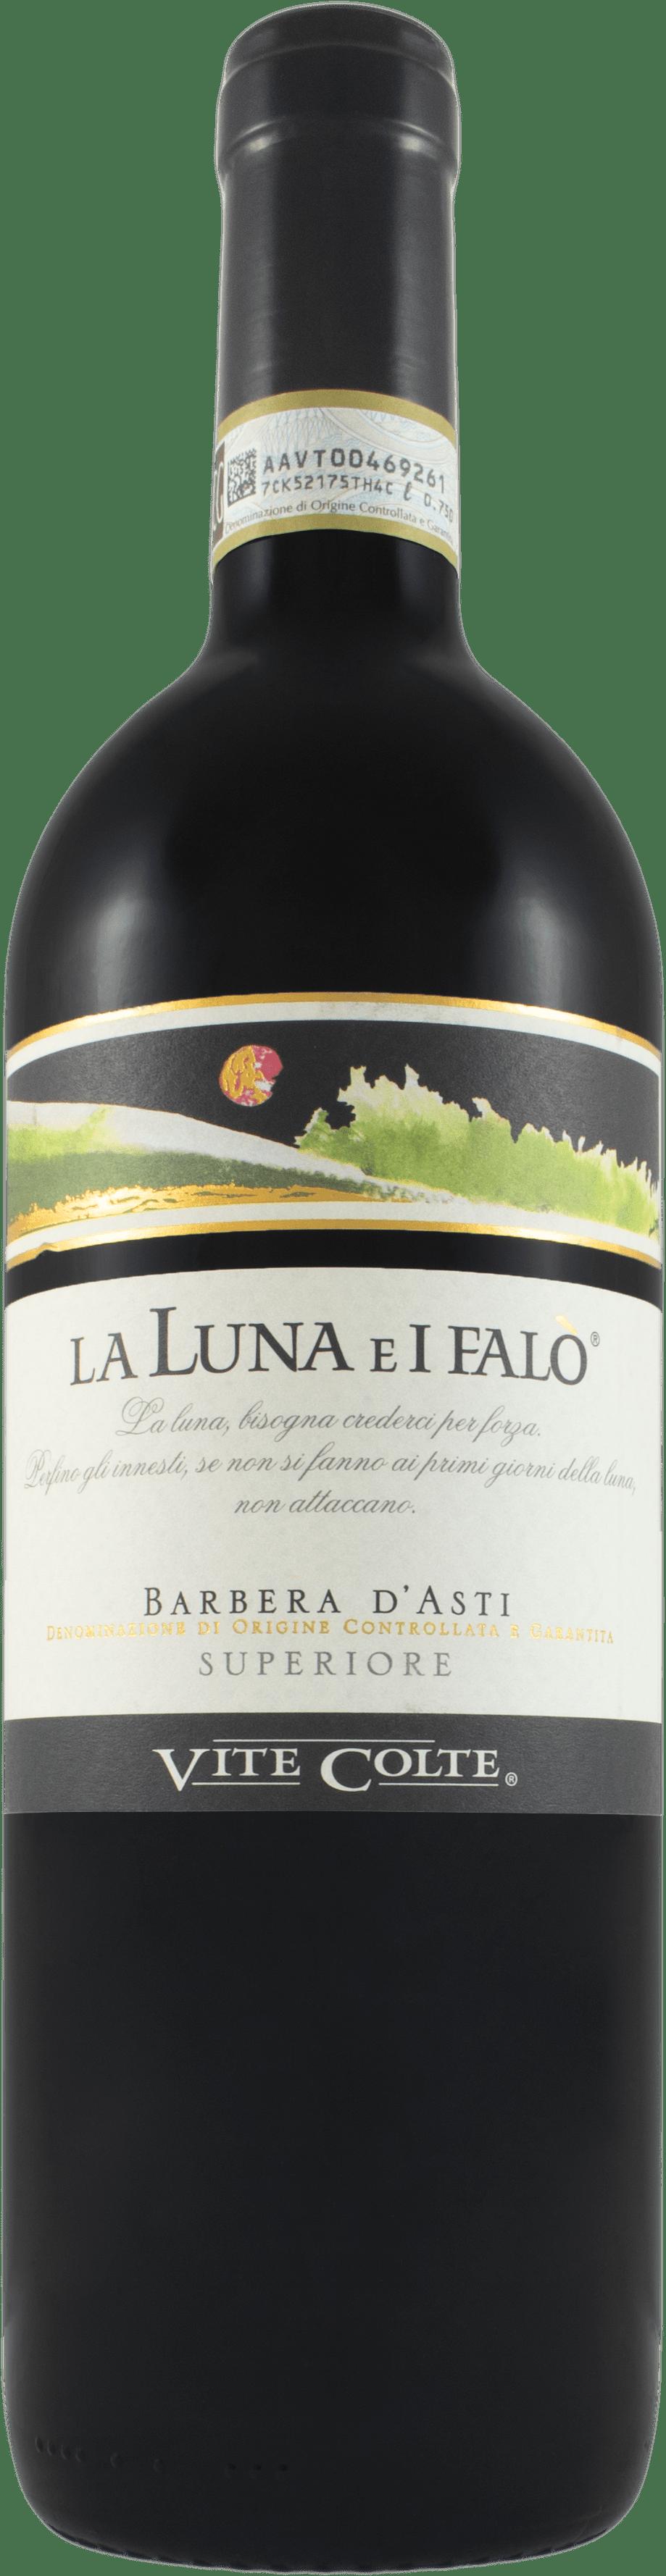 2016 Vite Colte Barbera D'asti Superiore Luna E I Falo